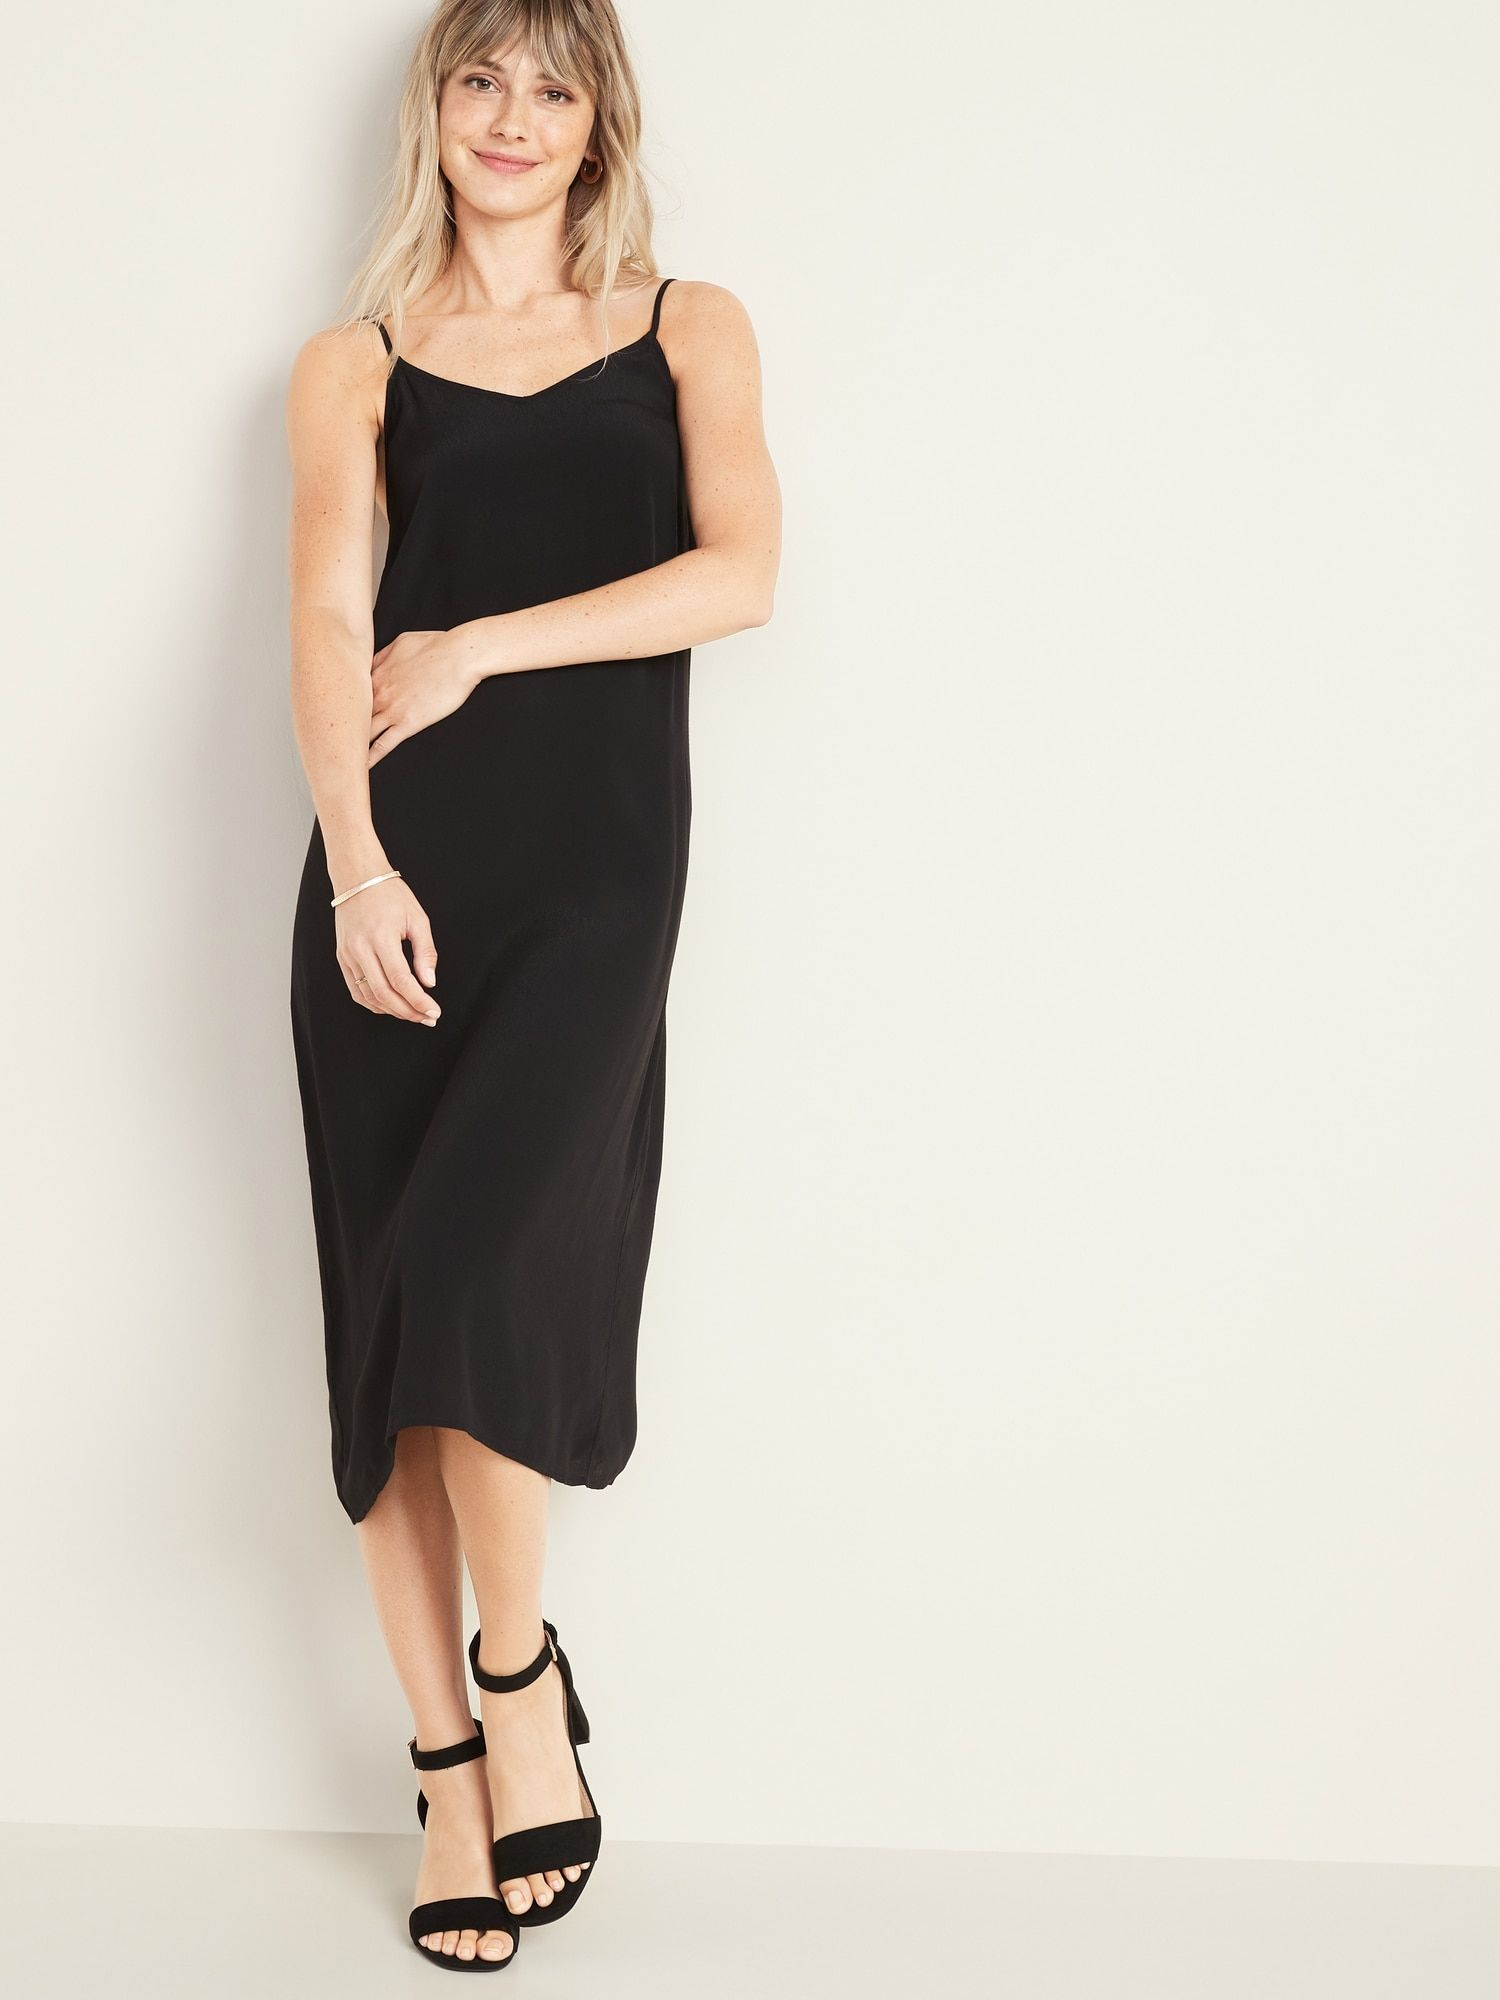 Sleeveless V Neck Midi Slip Dress For Women Old Navy Womens Dresses Slip Dress Fashion [ 2000 x 1500 Pixel ]